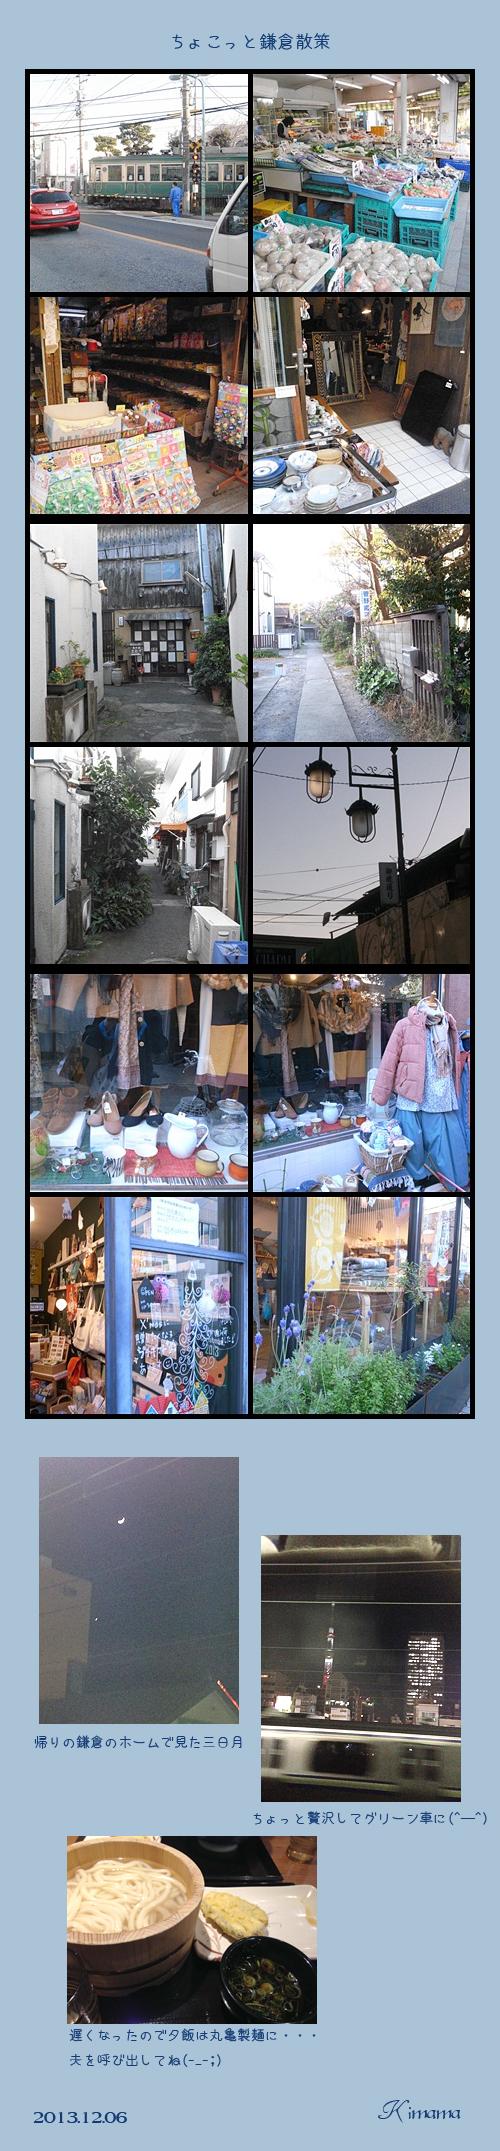 12月8日鎌倉2